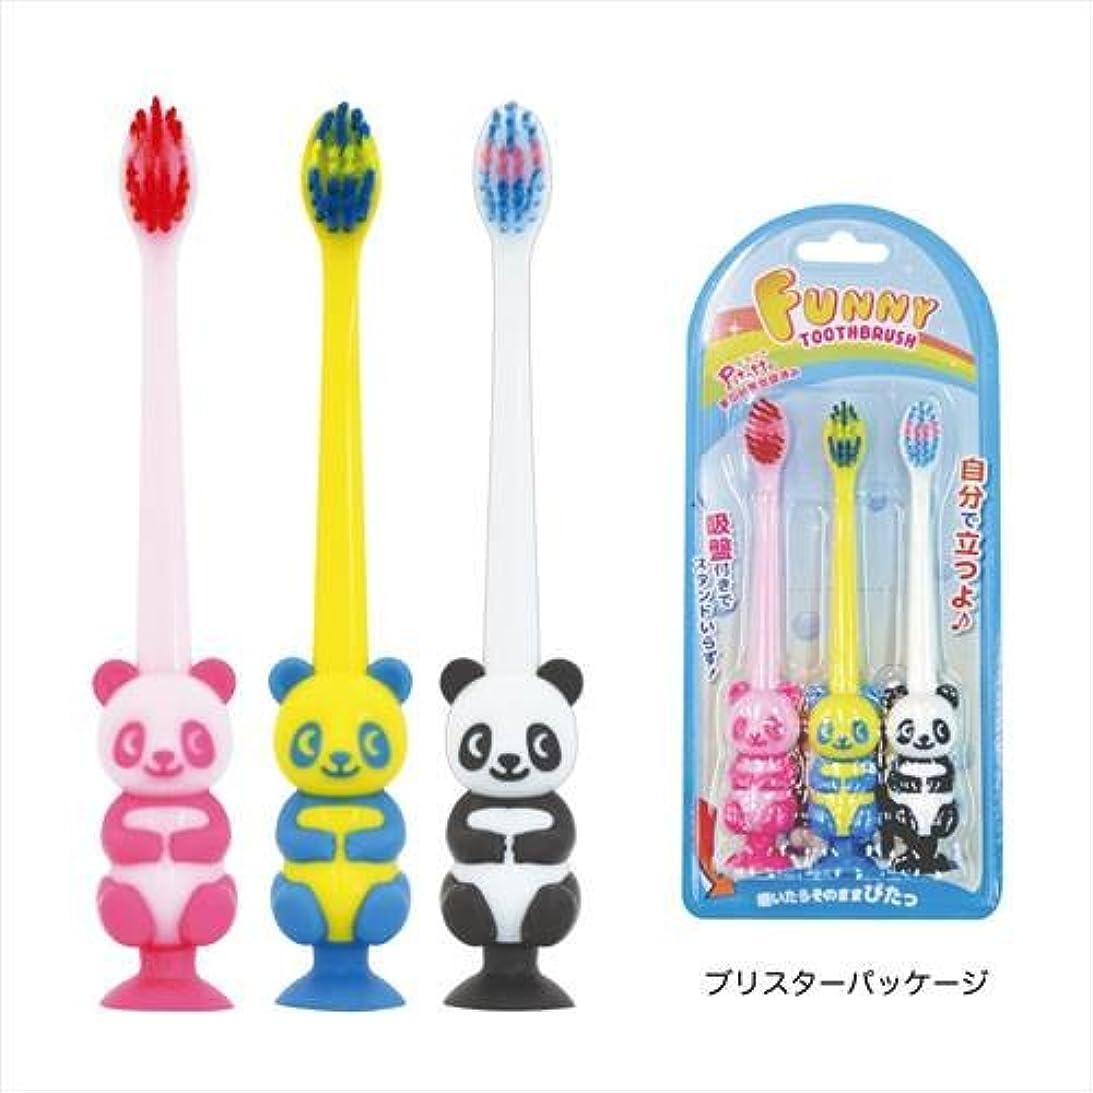 刈り取るベスト性能ファニー歯ブラシ パンダ 3本セット